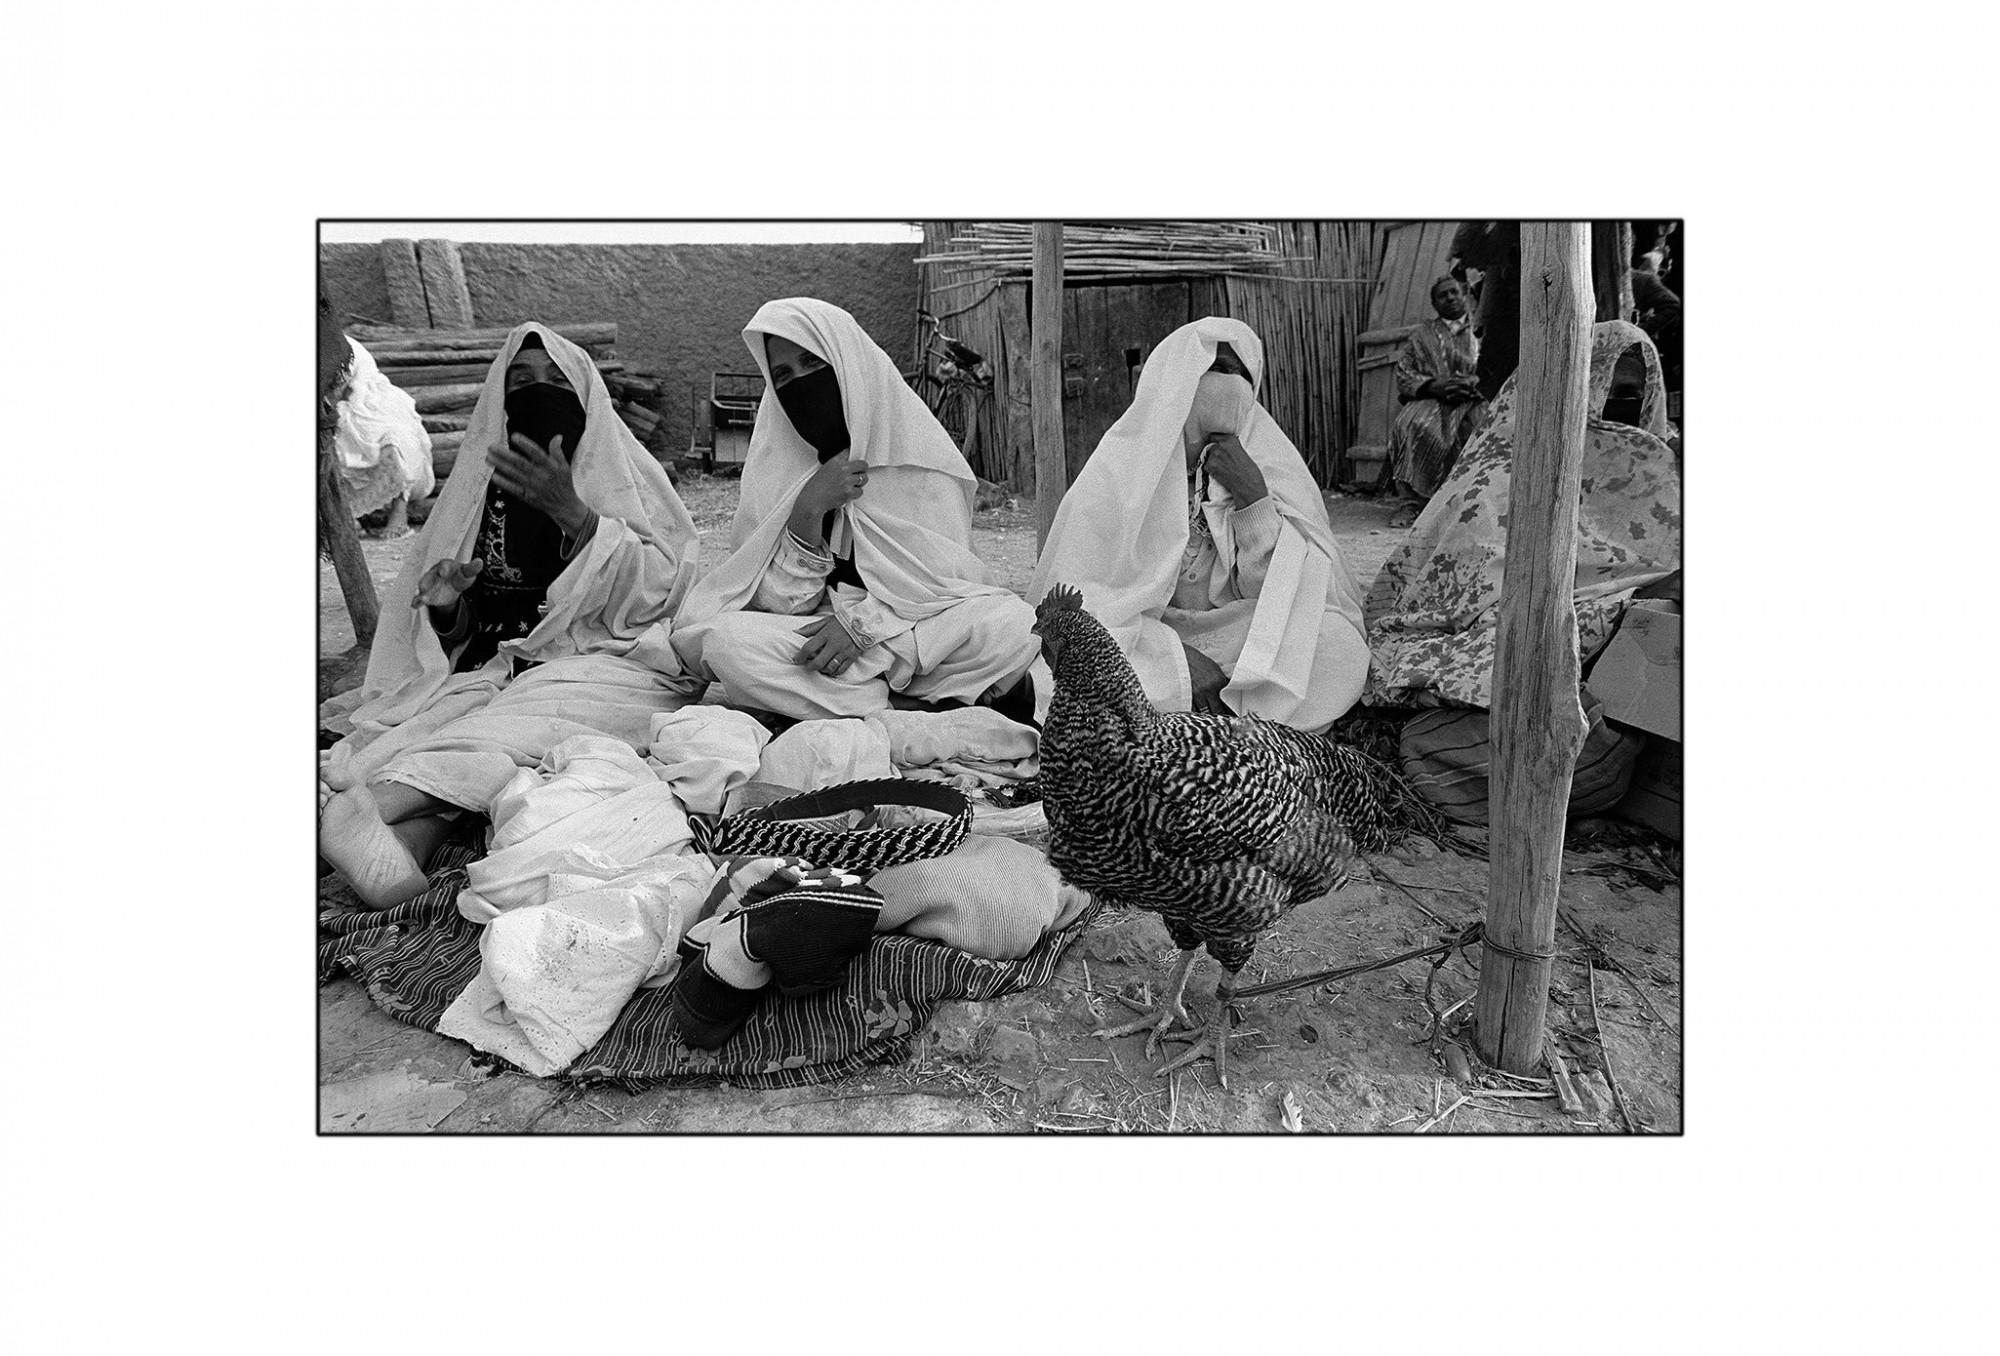 Afbeelding: Fotografie - Art, uit de reeks : De kleur van zwart. Marokko, 92-18-05,© Dominique Van Huffel.